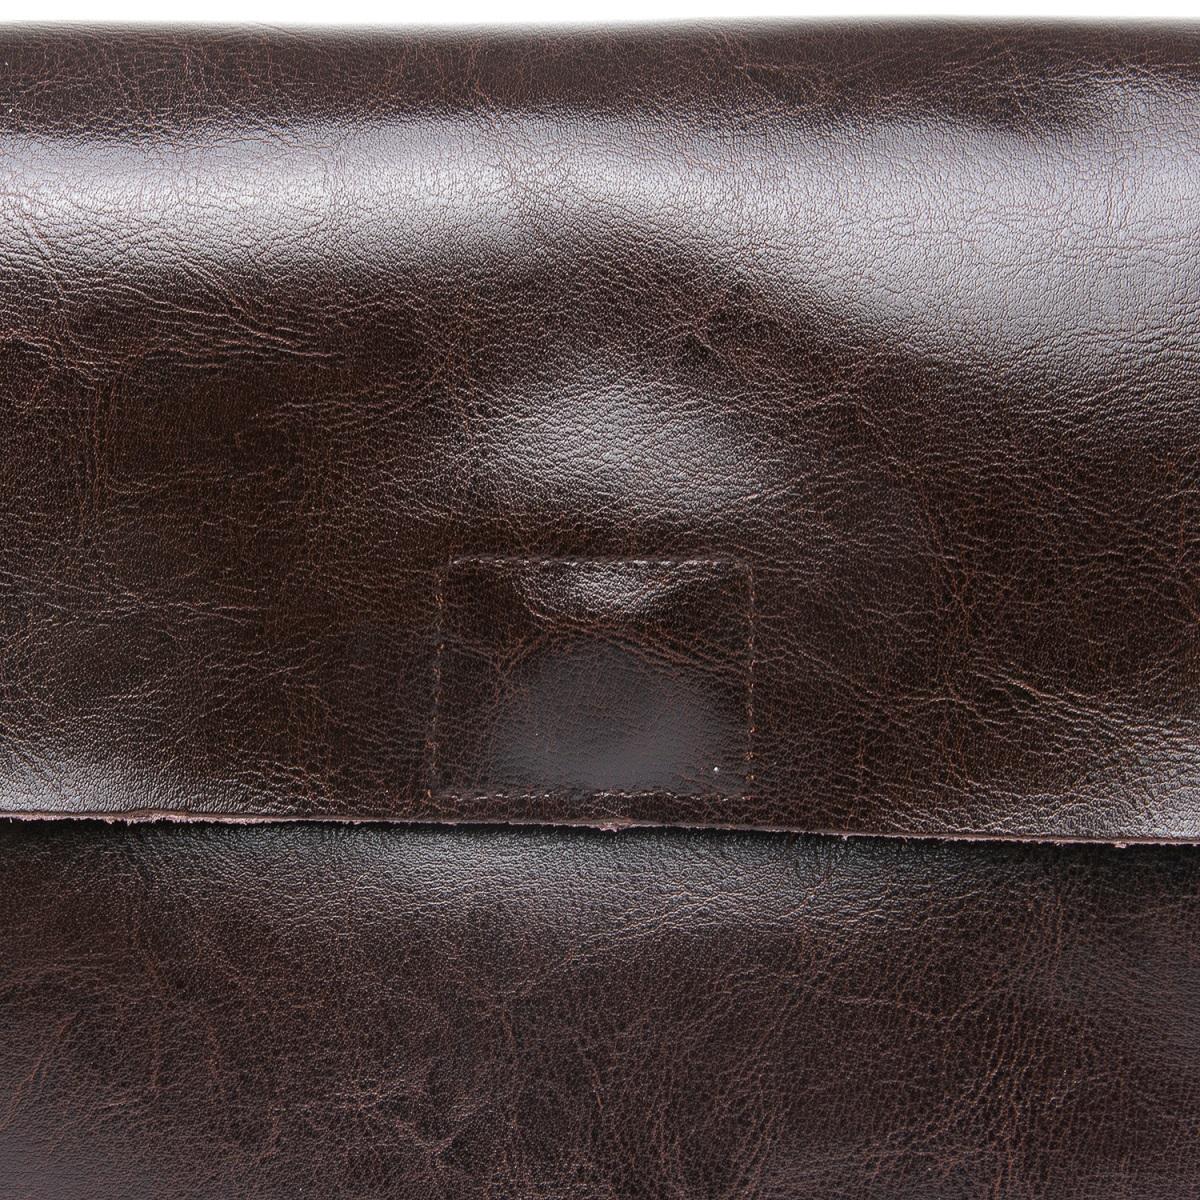 Сумка Женская Классическая кожа ALEX RAI 08-1 8605 brown - фото 5